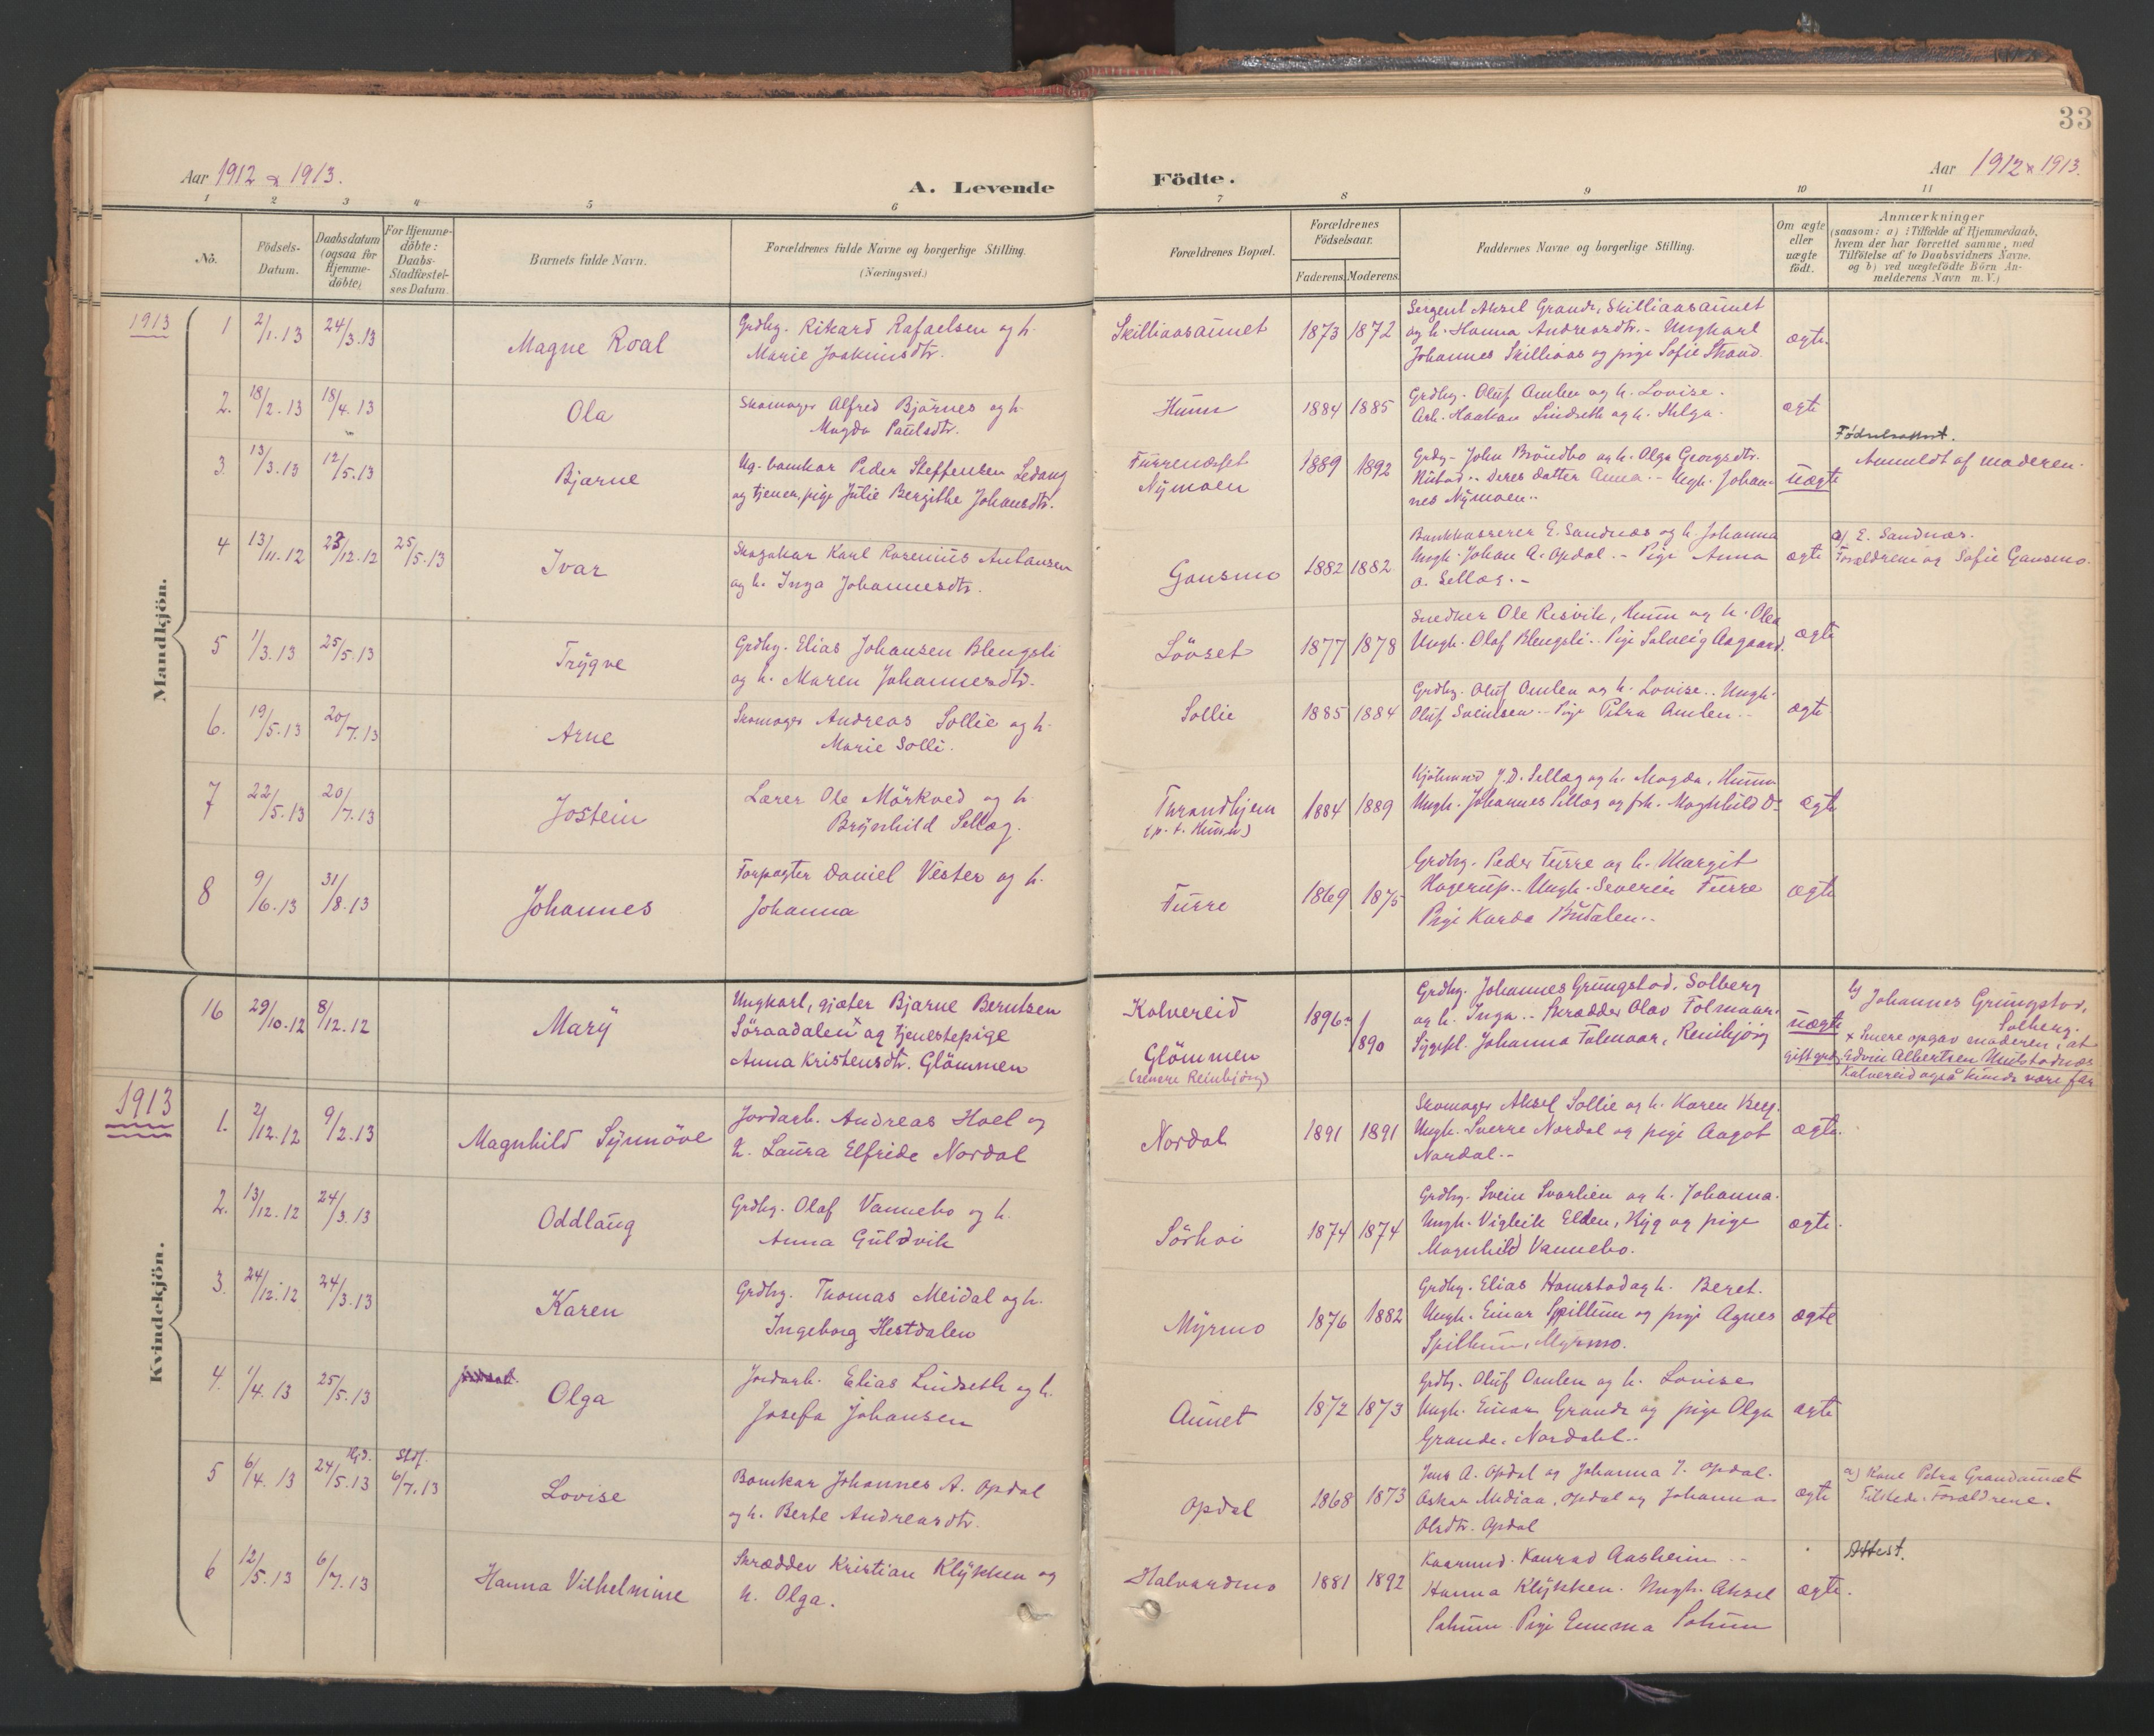 SAT, Ministerialprotokoller, klokkerbøker og fødselsregistre - Nord-Trøndelag, 766/L0564: Ministerialbok nr. 767A02, 1900-1932, s. 33